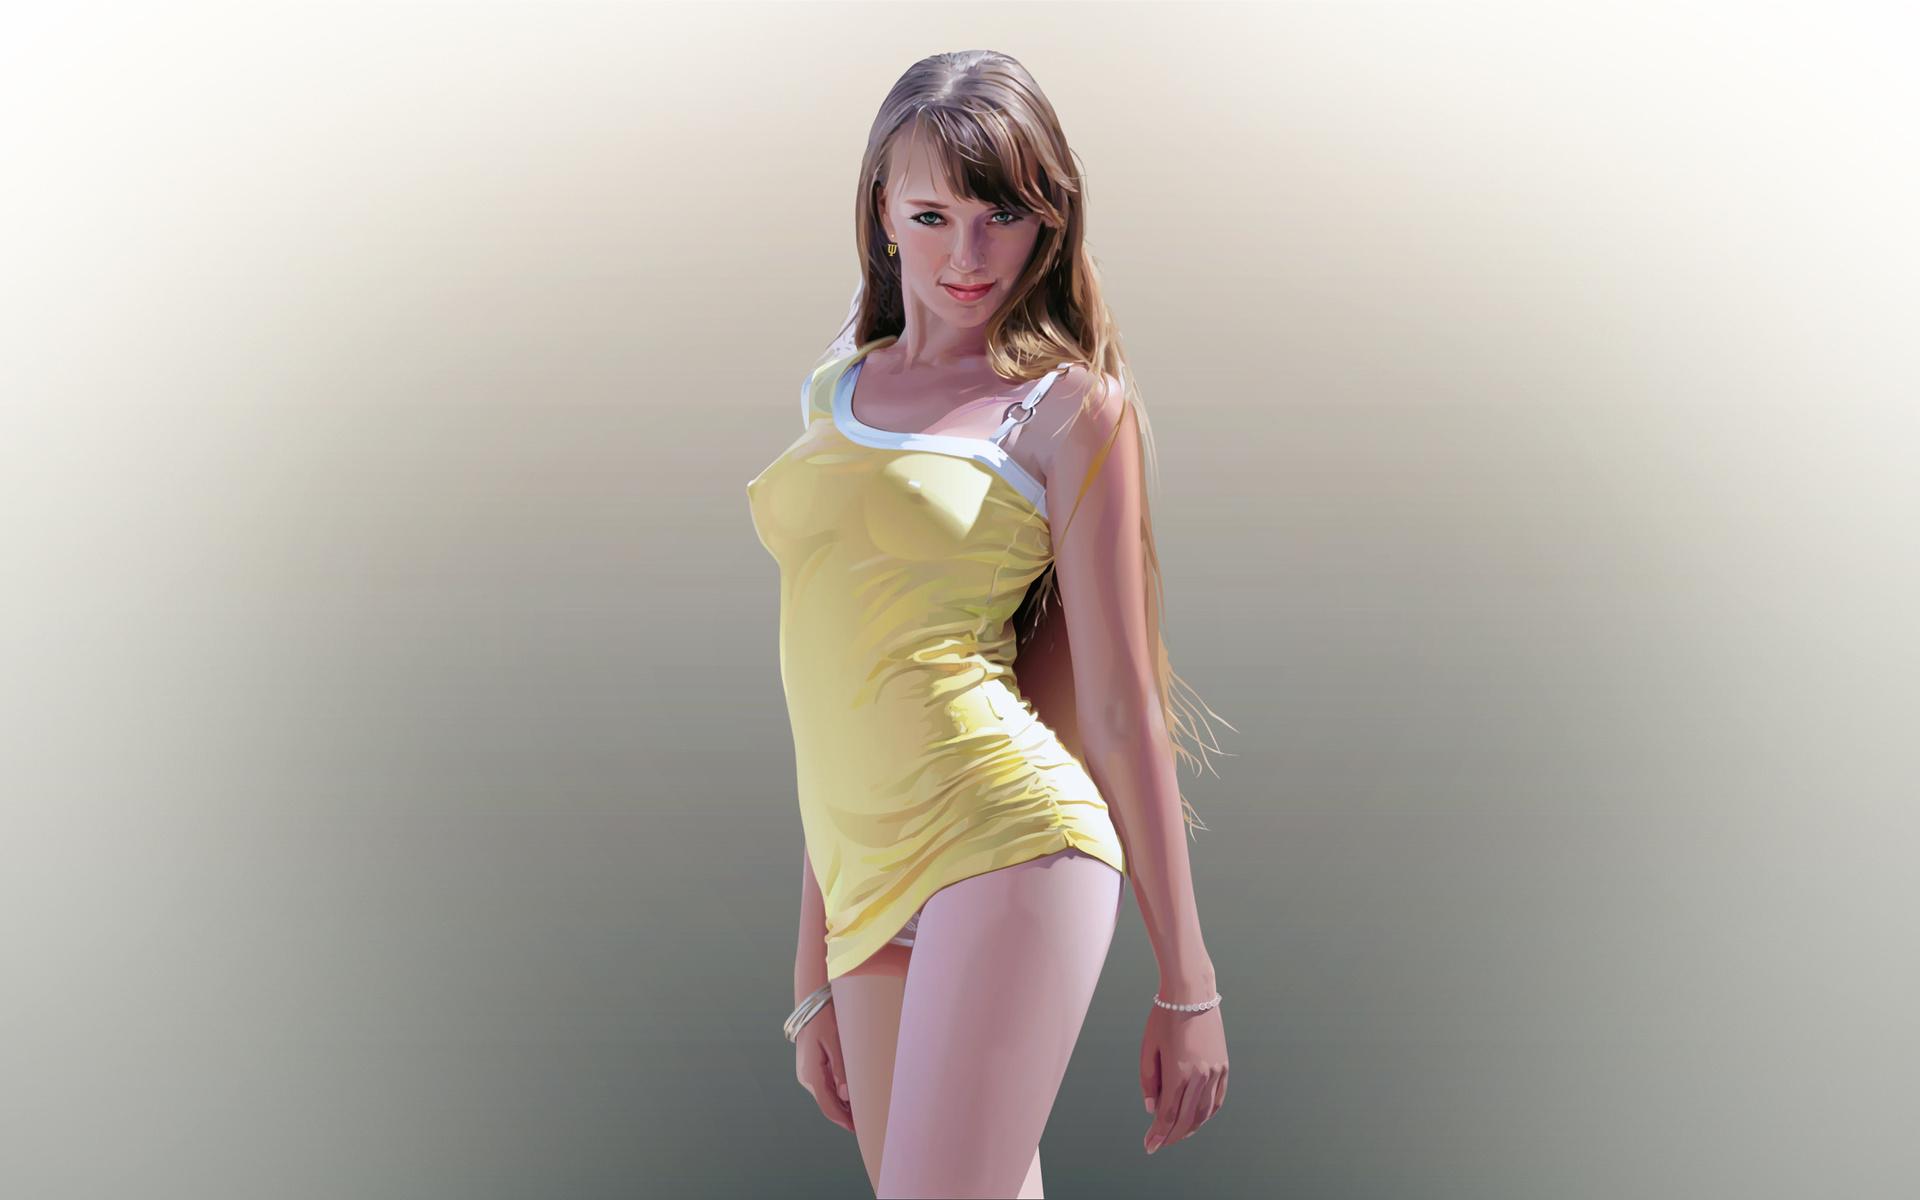 Фото в маечке без трусиков, Красивые молодые девушки без трусиков - фото подборка 17 фотография